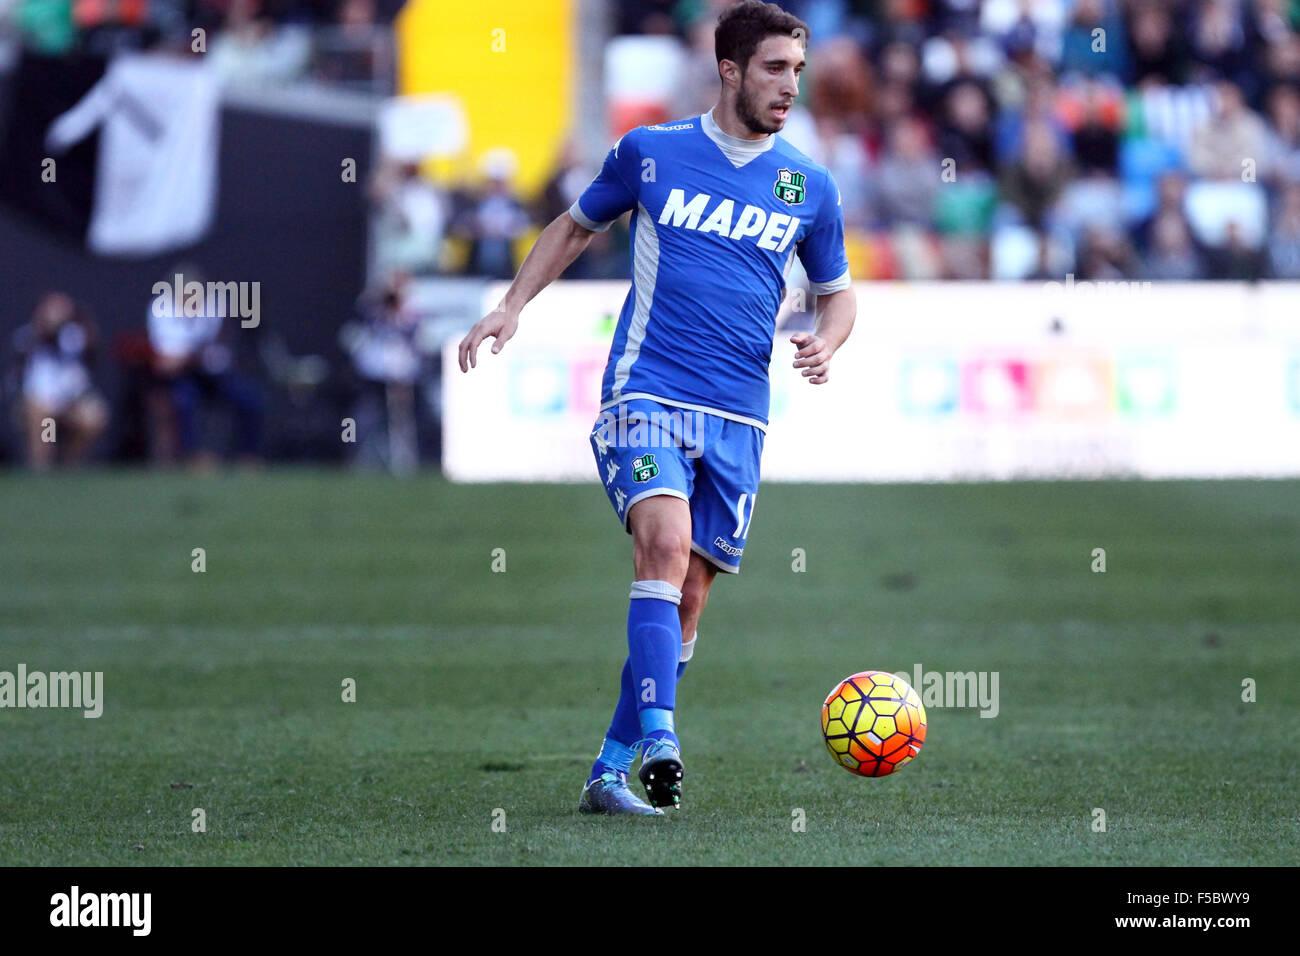 db45da4b95b53 1 de noviembre de 2015. Sassuolo defensor del Sime Vrsaljko controla el balón  durante el partido de fútbol de la Serie A italiana entre el Udinese Calcio  v ...